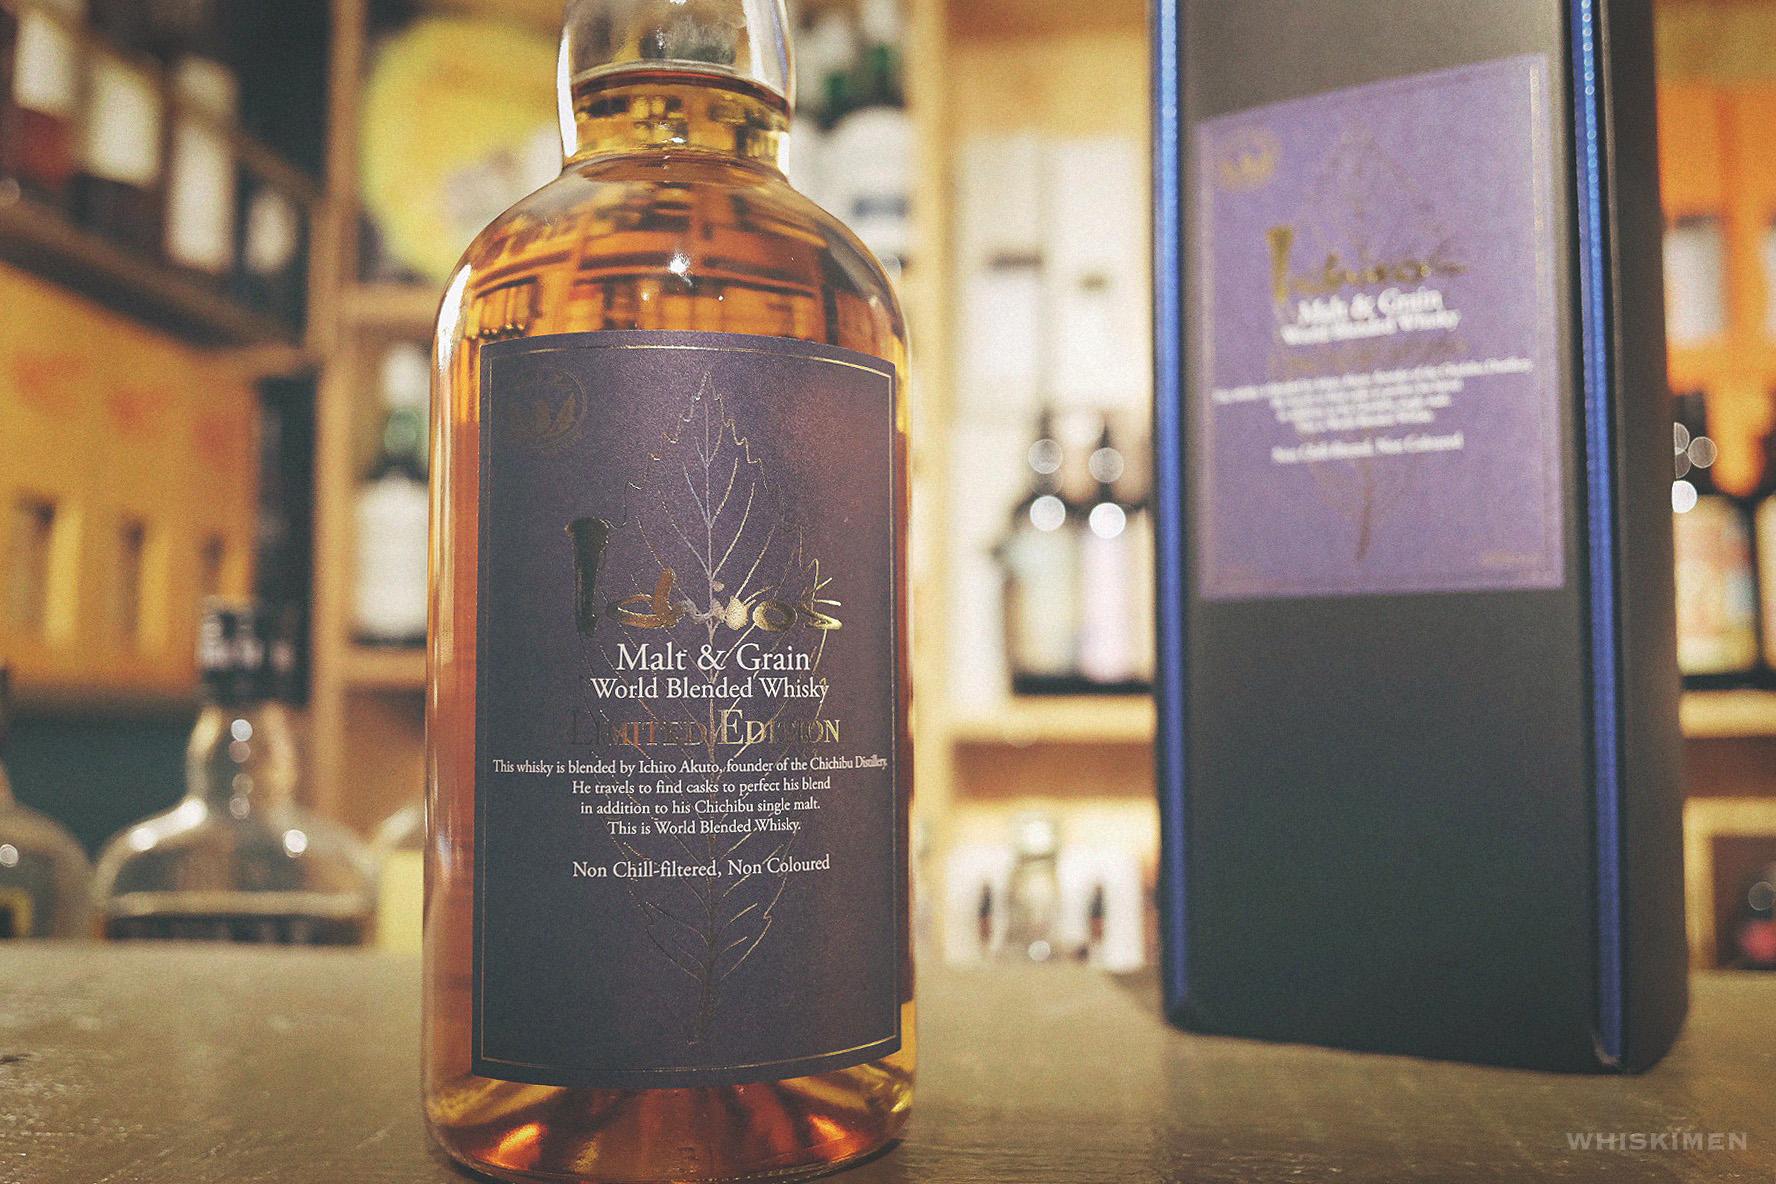 秩父 Ichiro's Malt & Grain World Blended Whisky